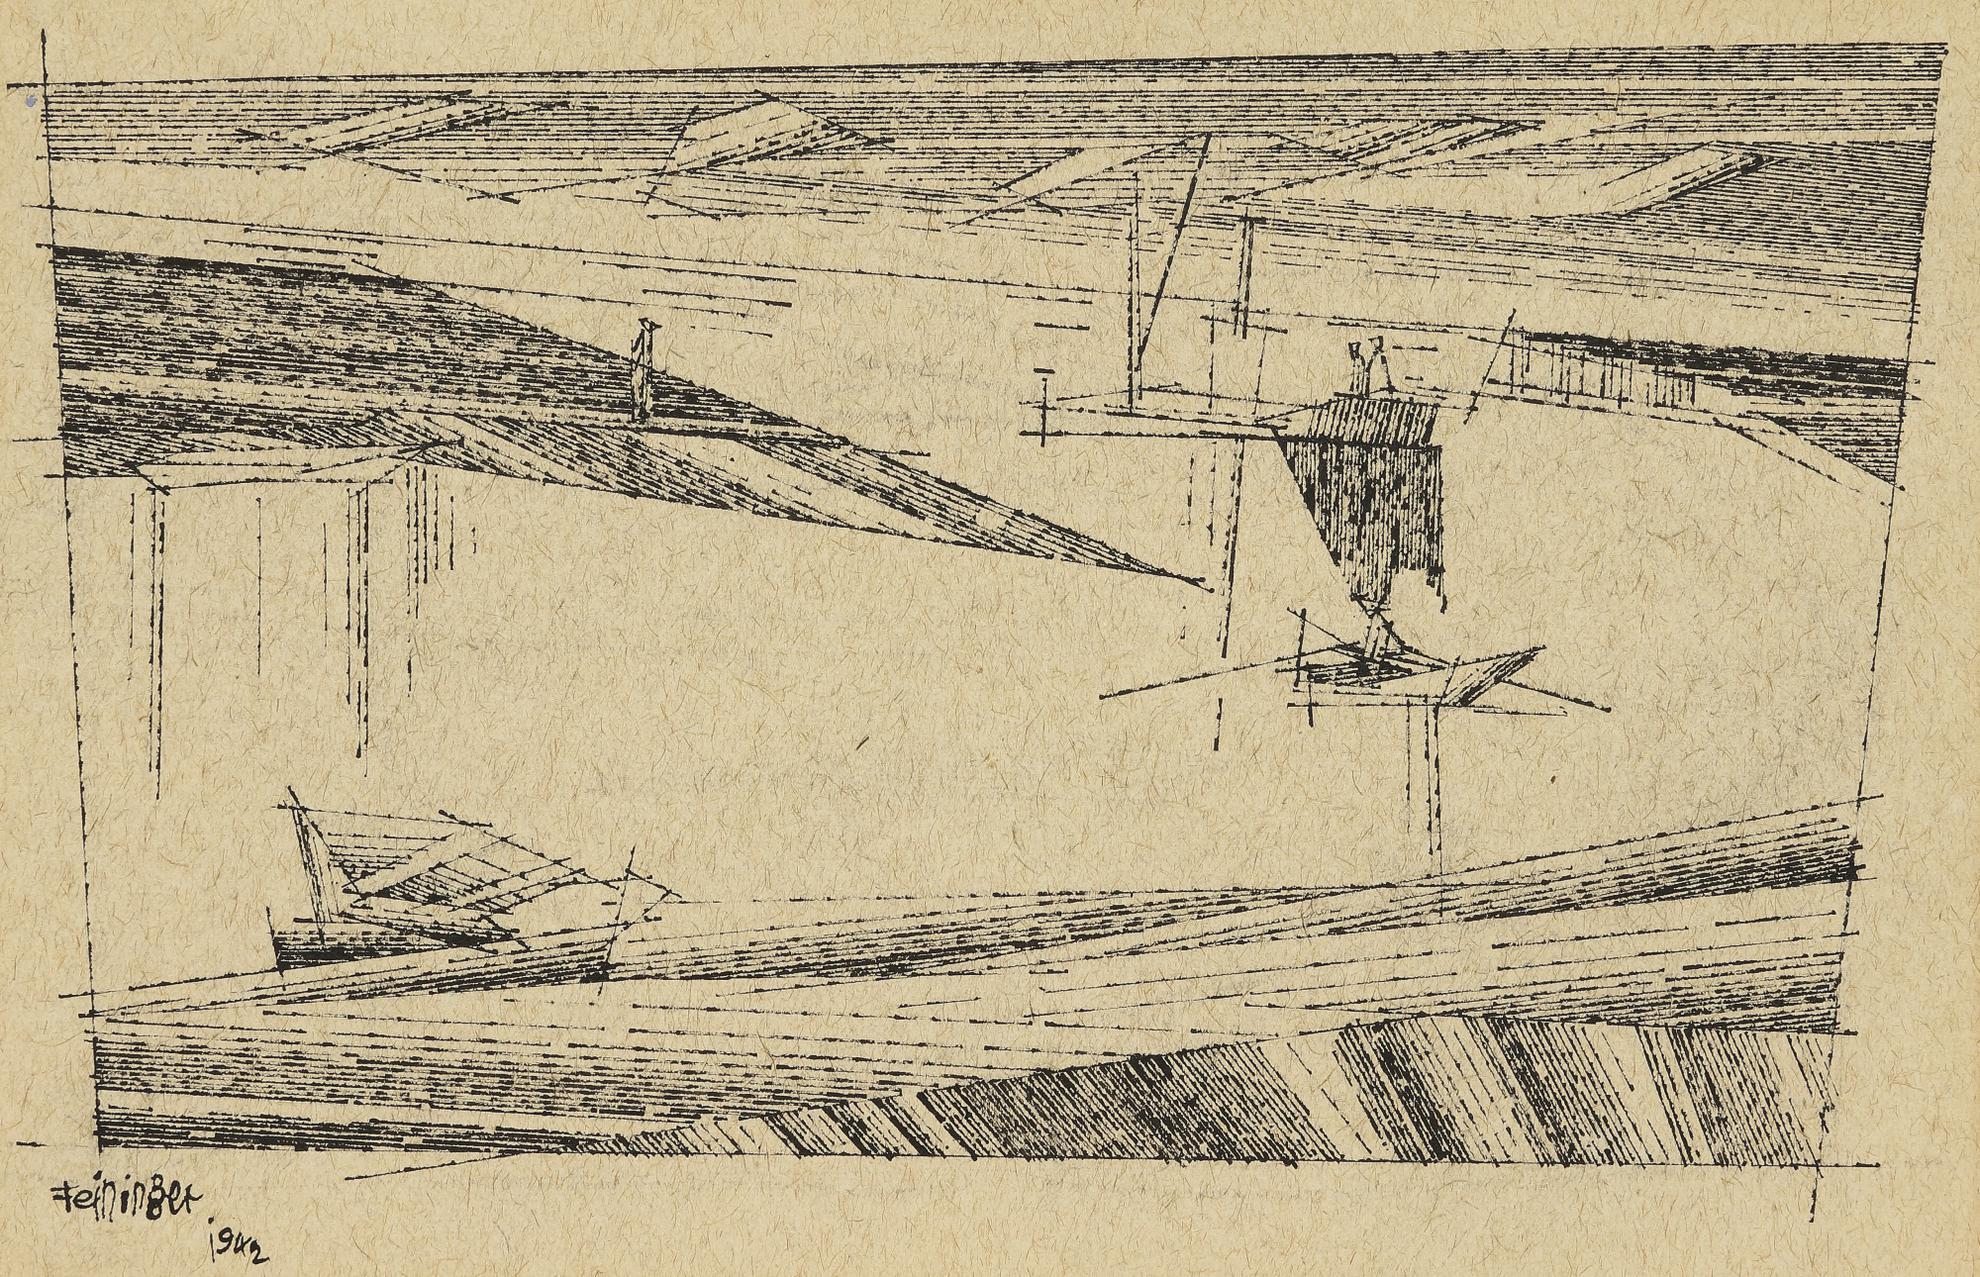 Lyonel Feininger-Harbor Scene-1942